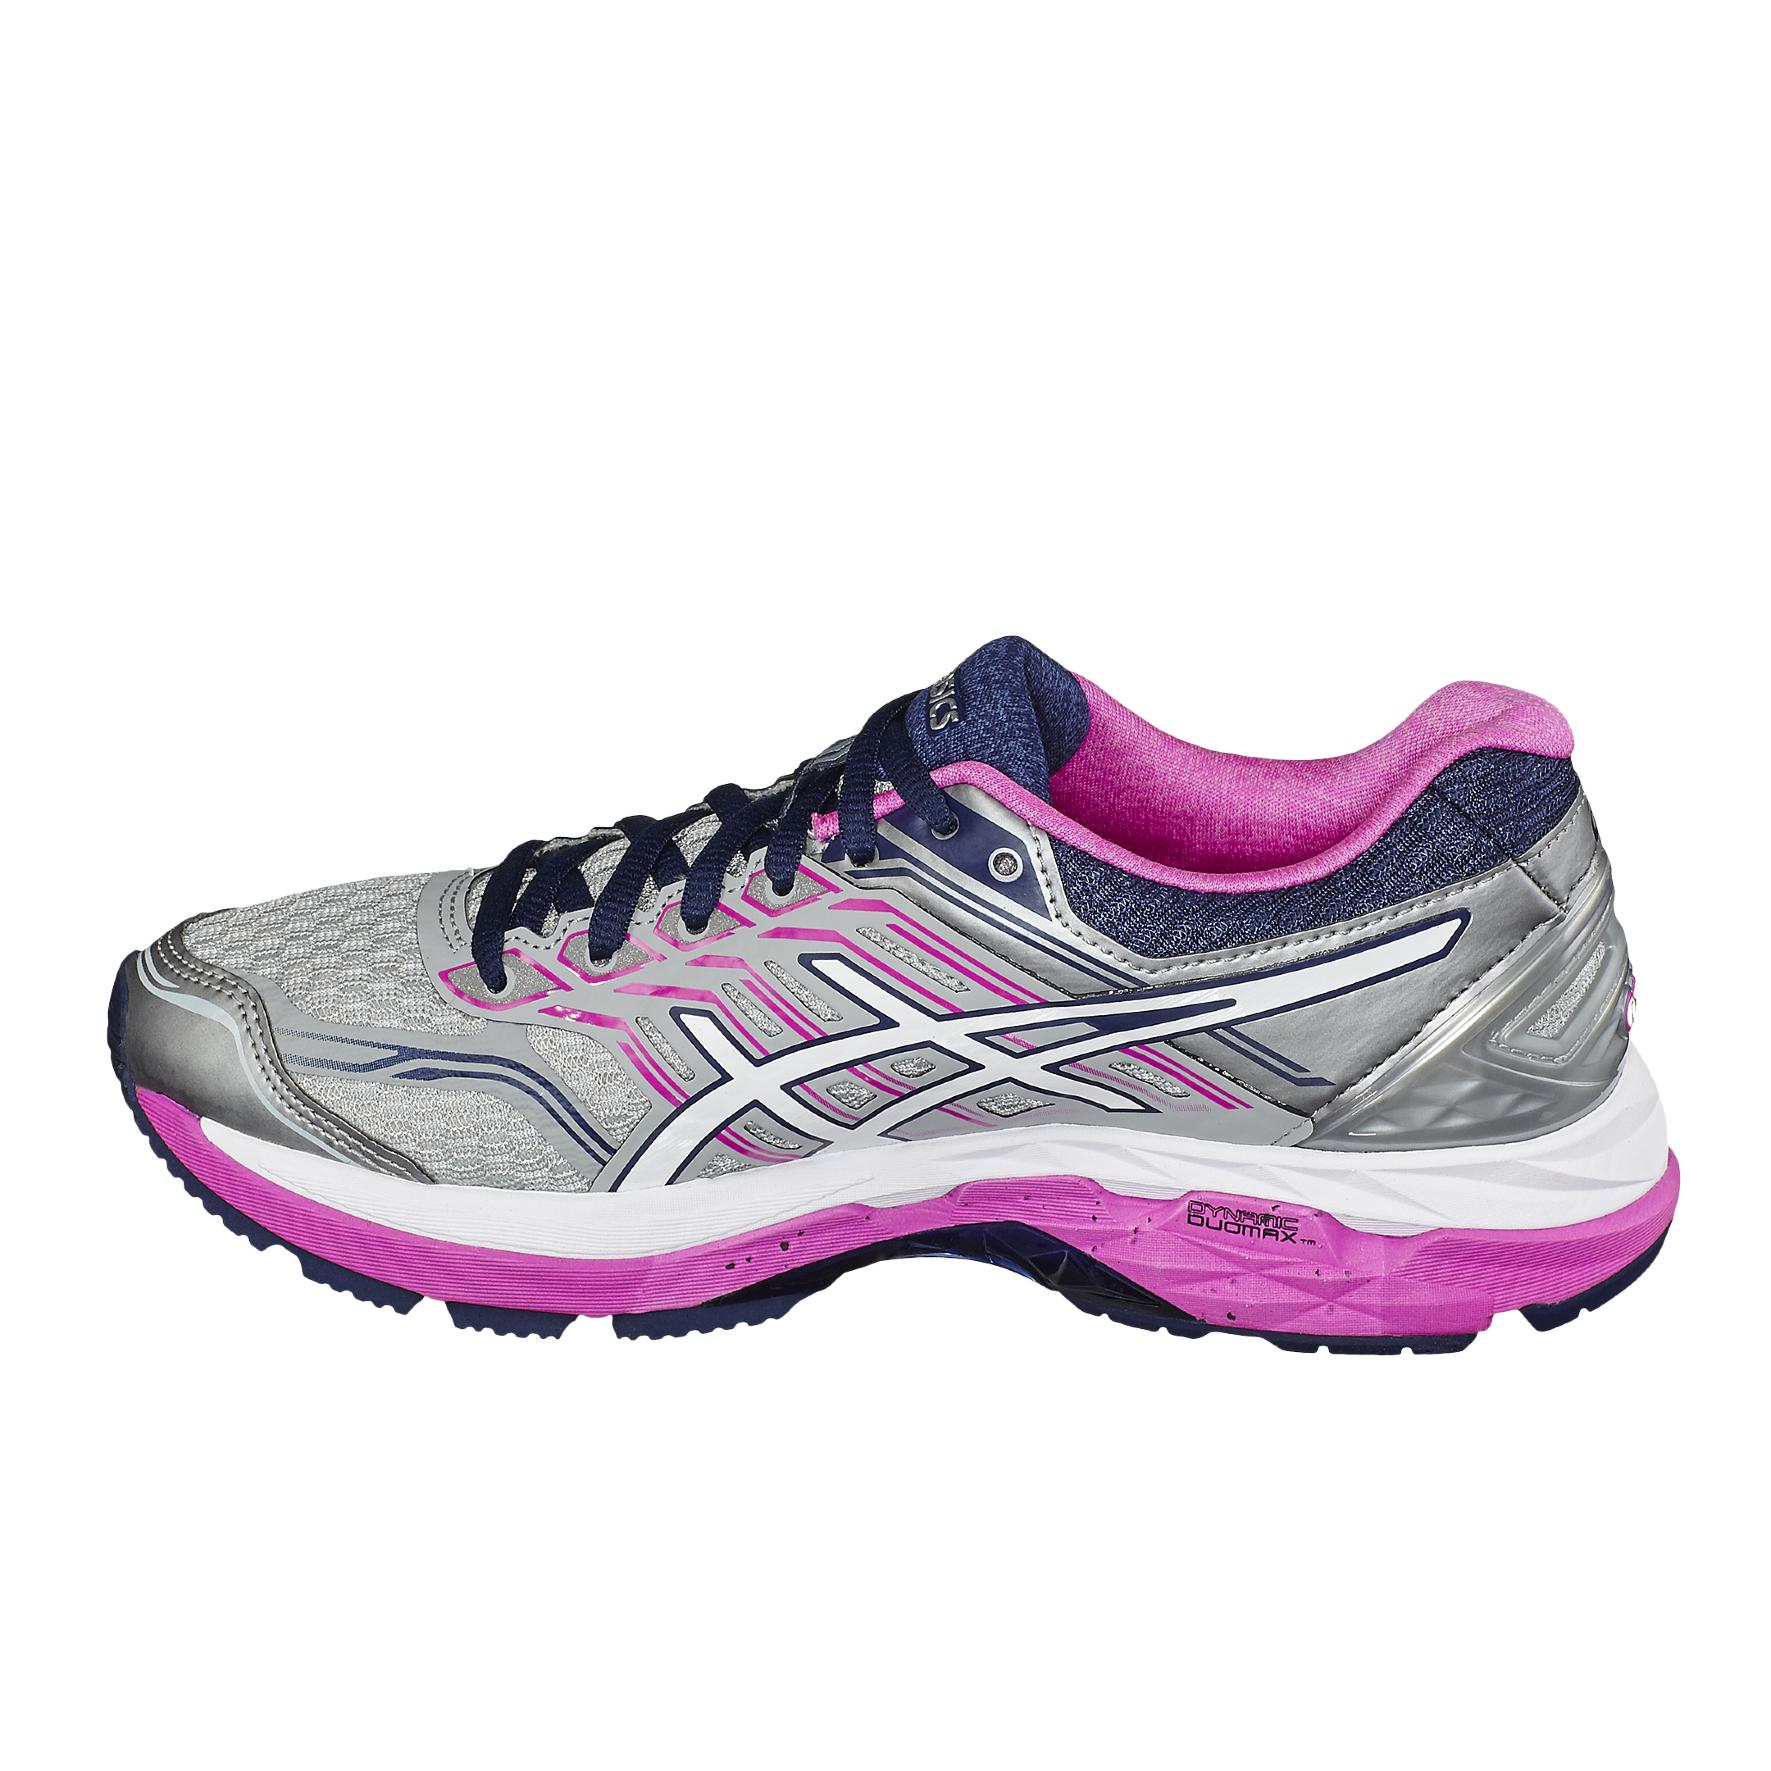 Asics GT-2000 5 (2A) - Damen Laufschuhe Running Schuhe - T760N-9601 ...